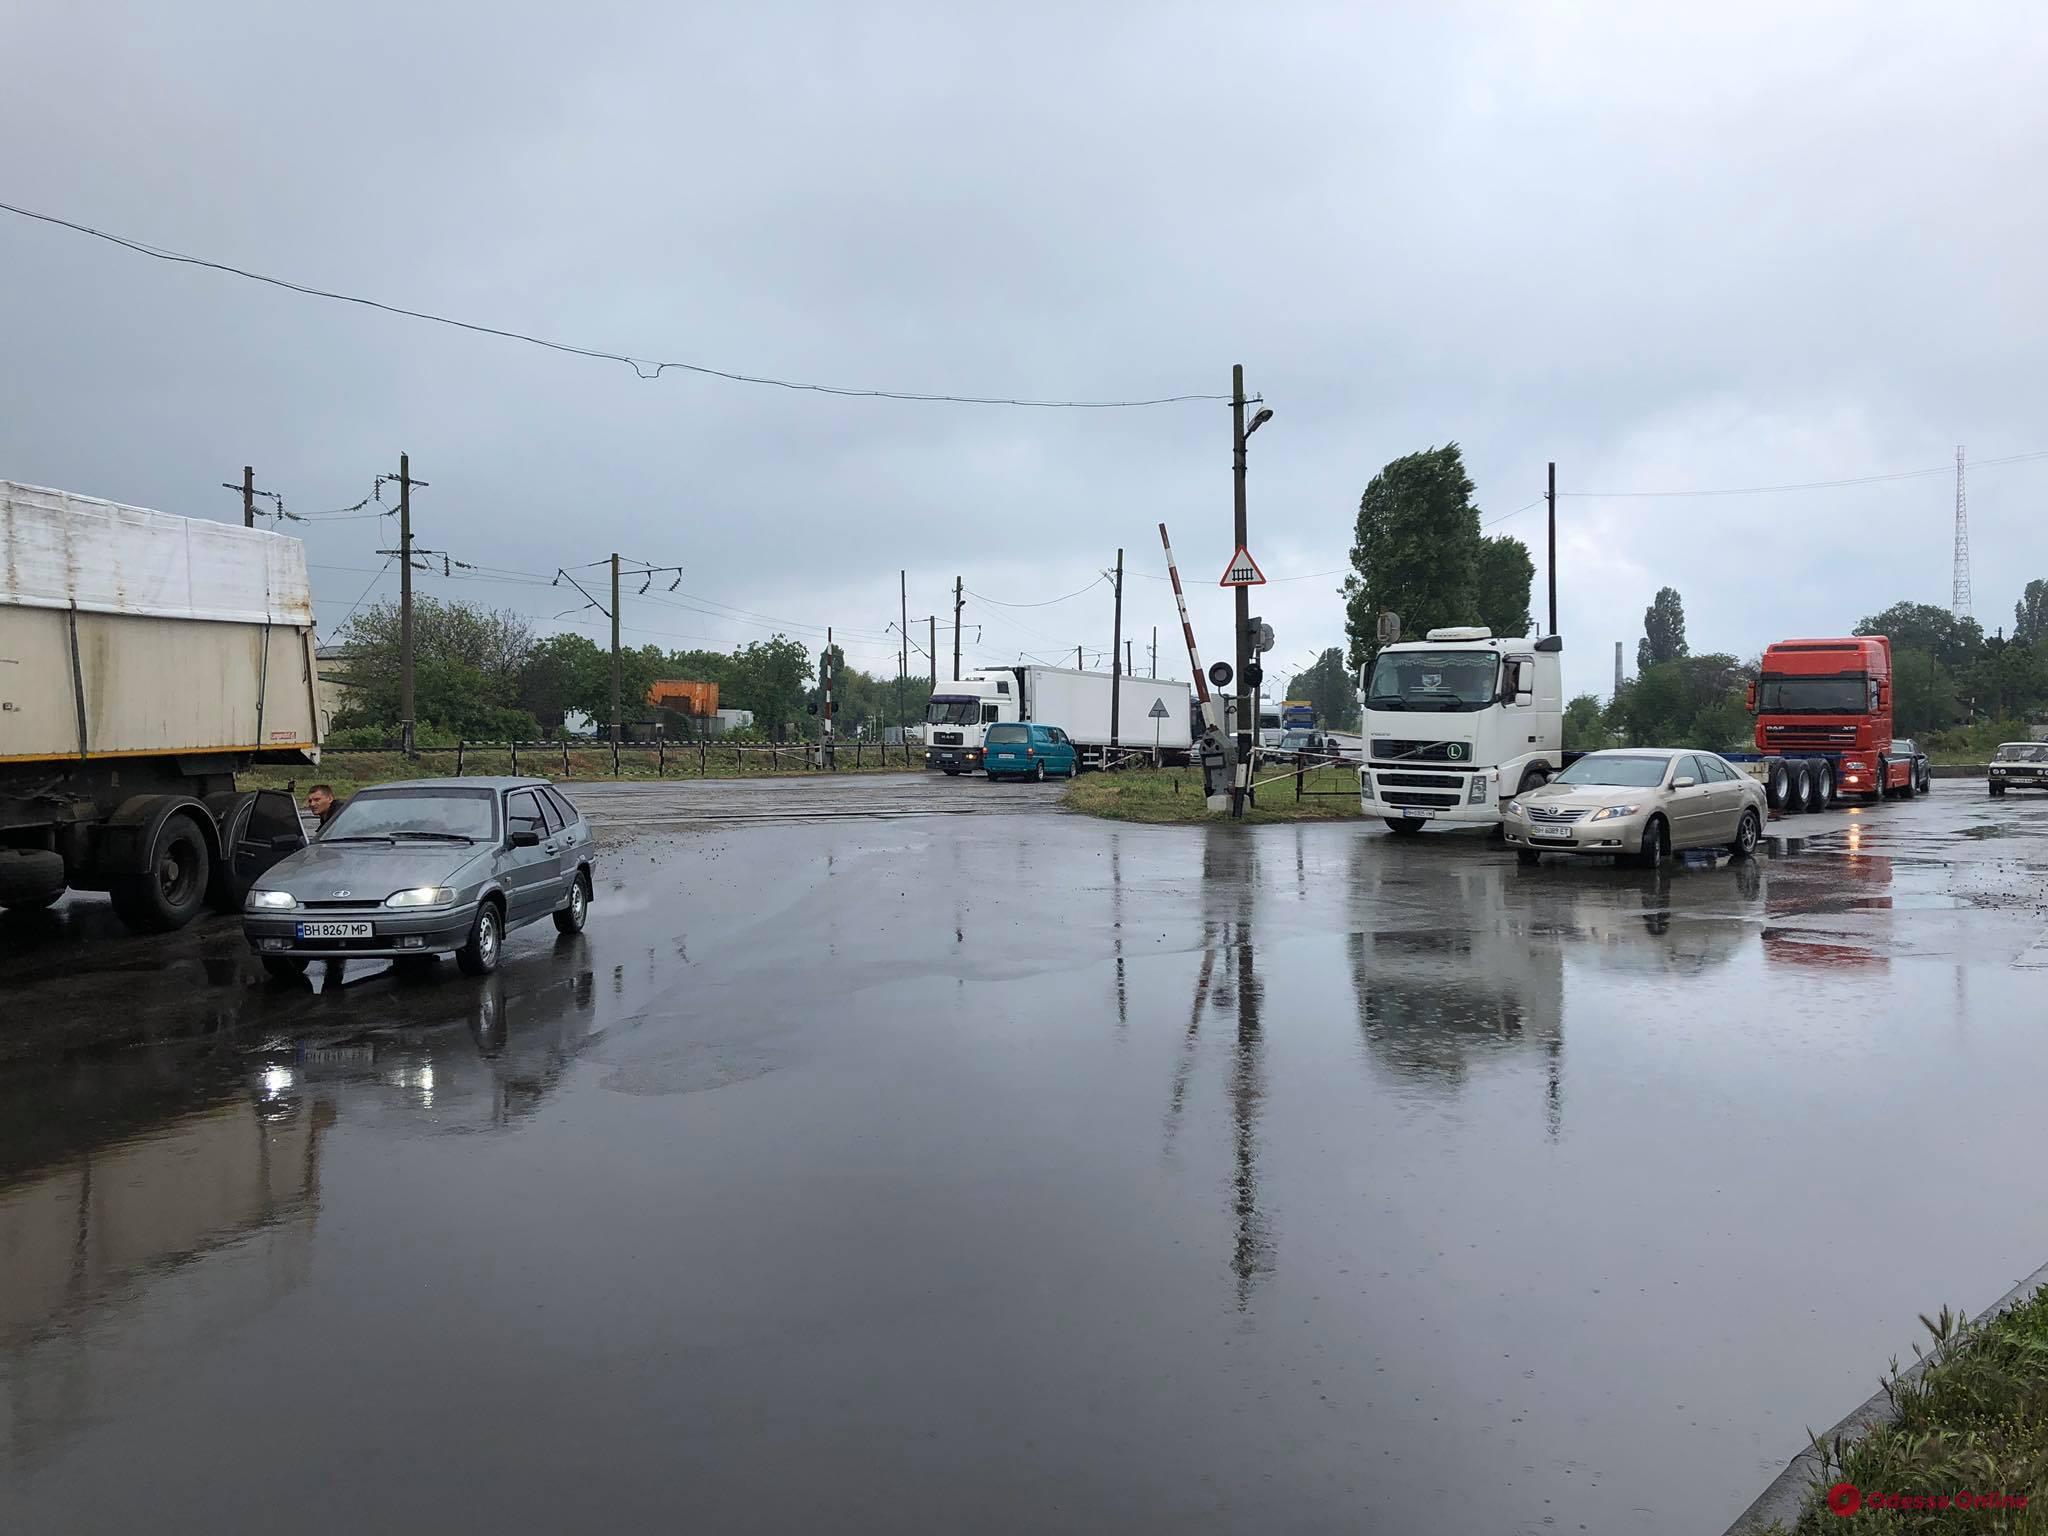 Восемь месяцев без зарплаты: в Черноморске участники акции перекрывали дорогу (фото)